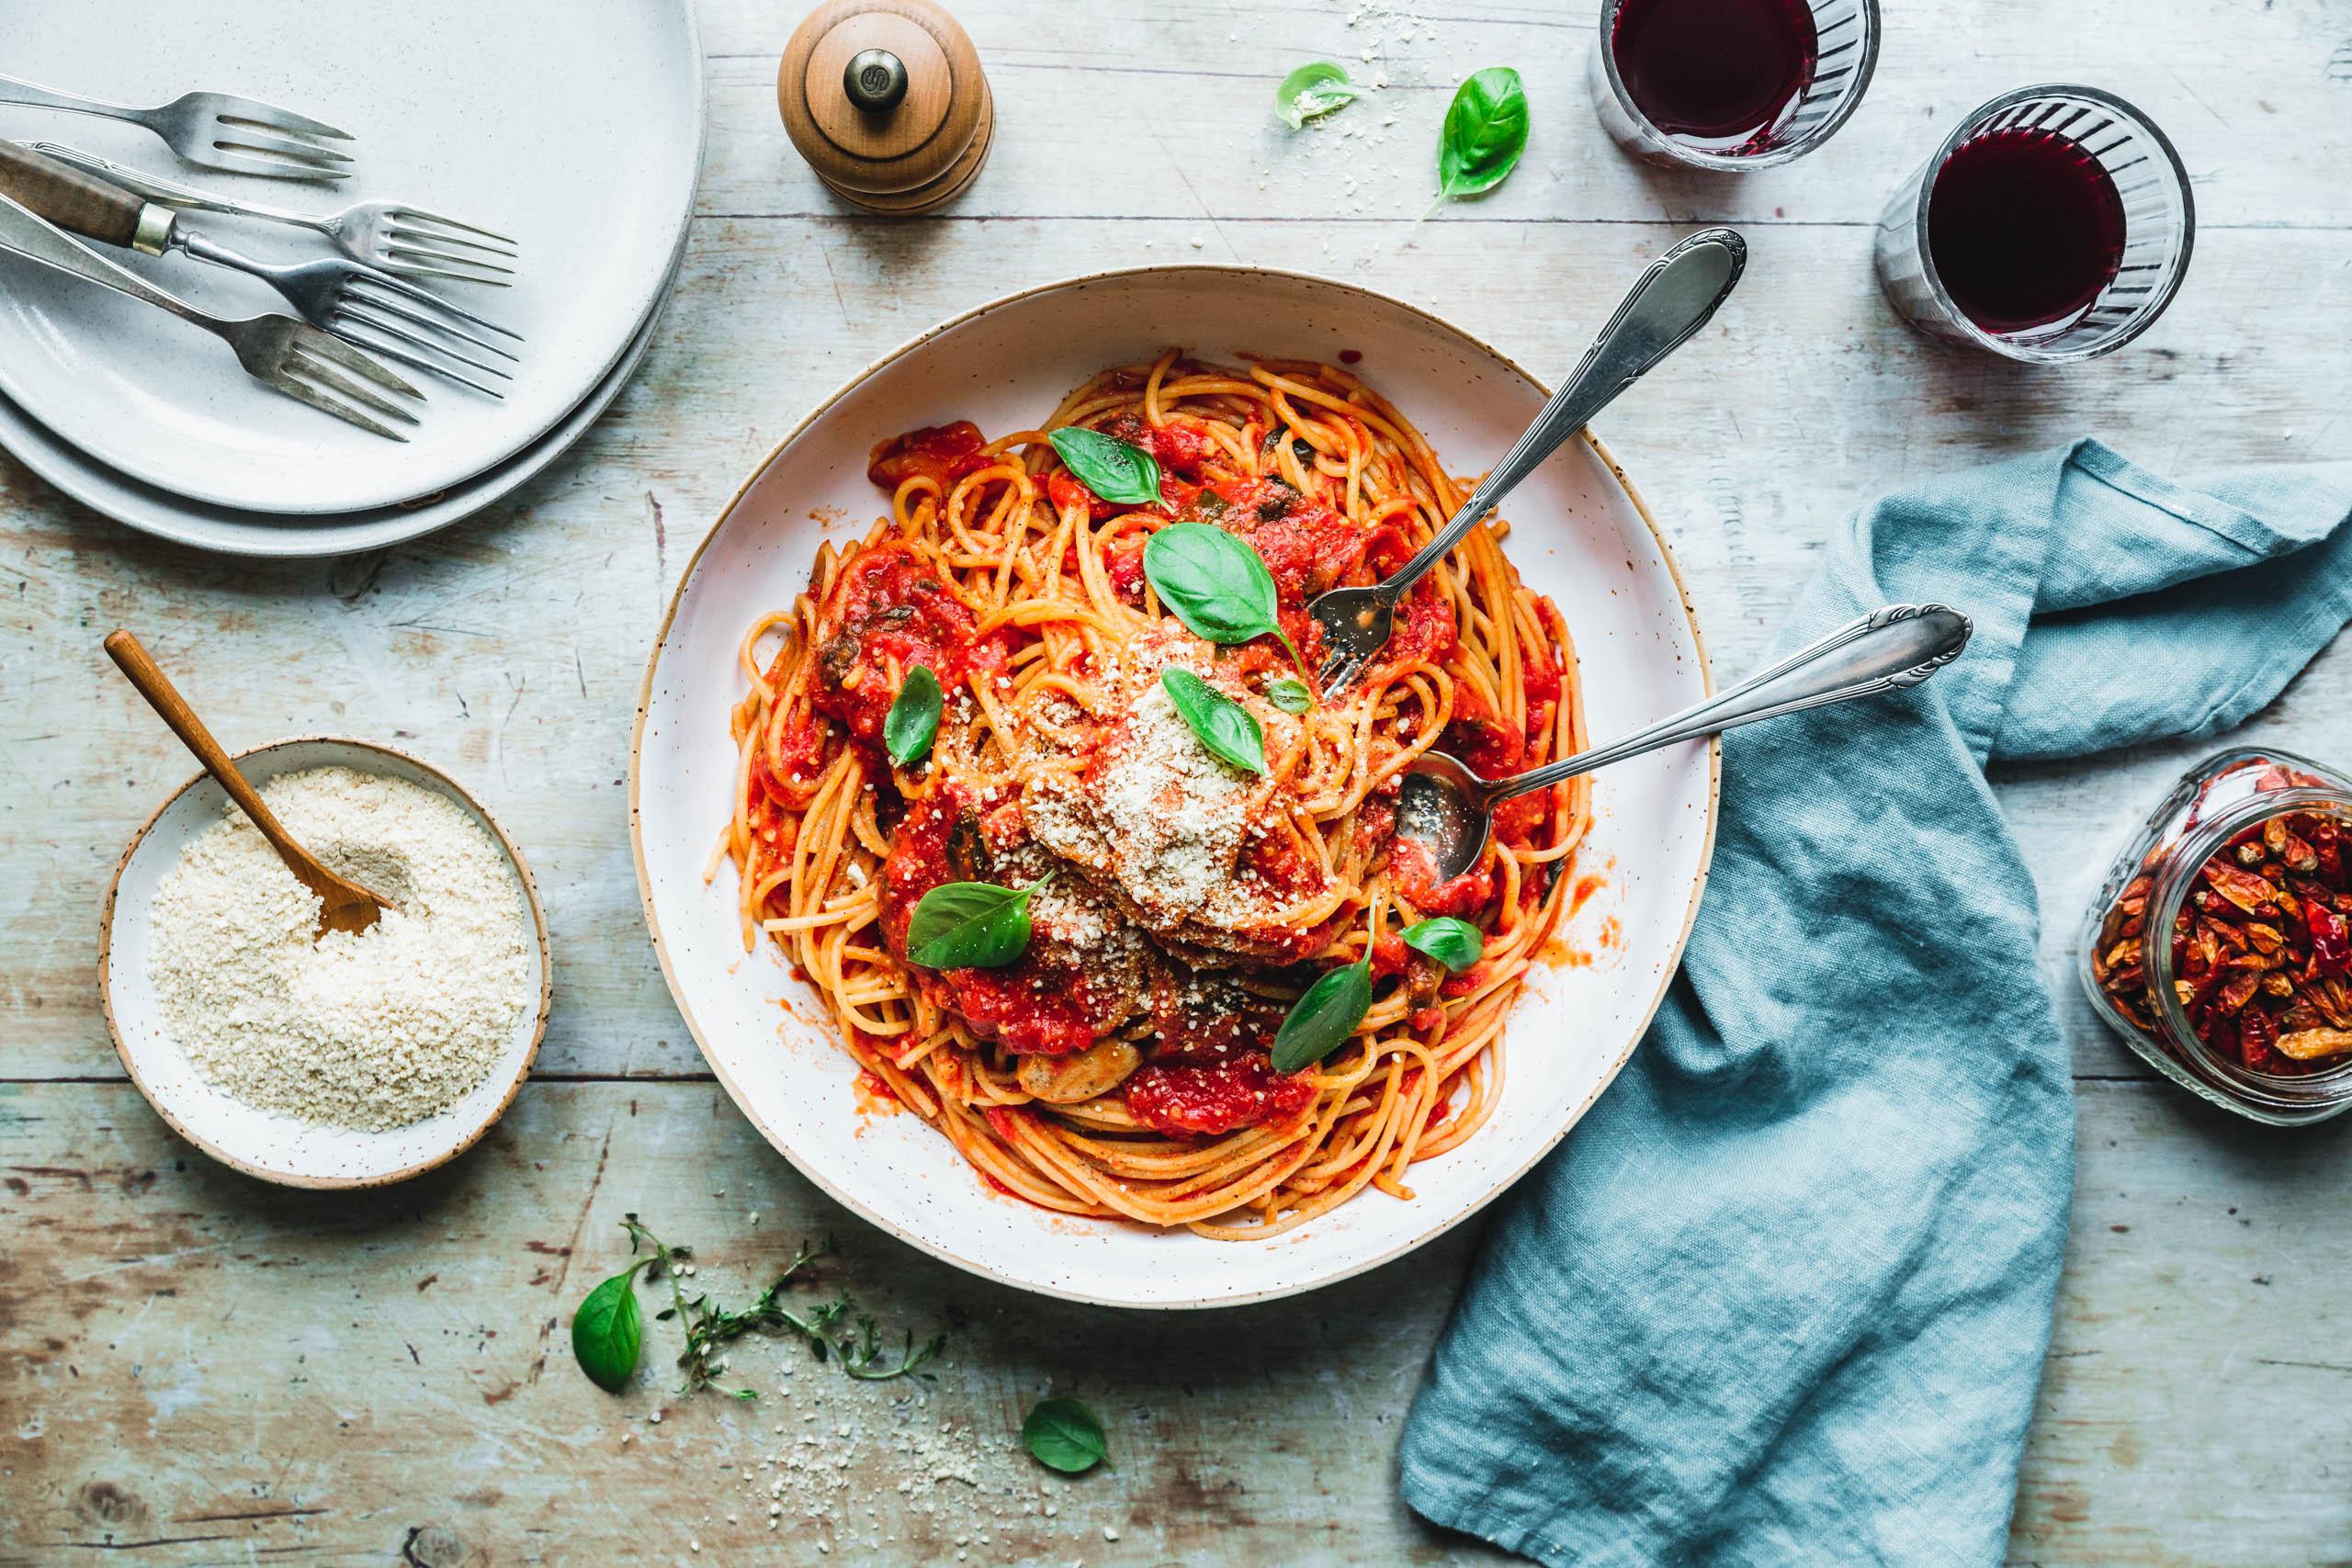 Spaghetti Napoli? Pasta al Pomodoro!